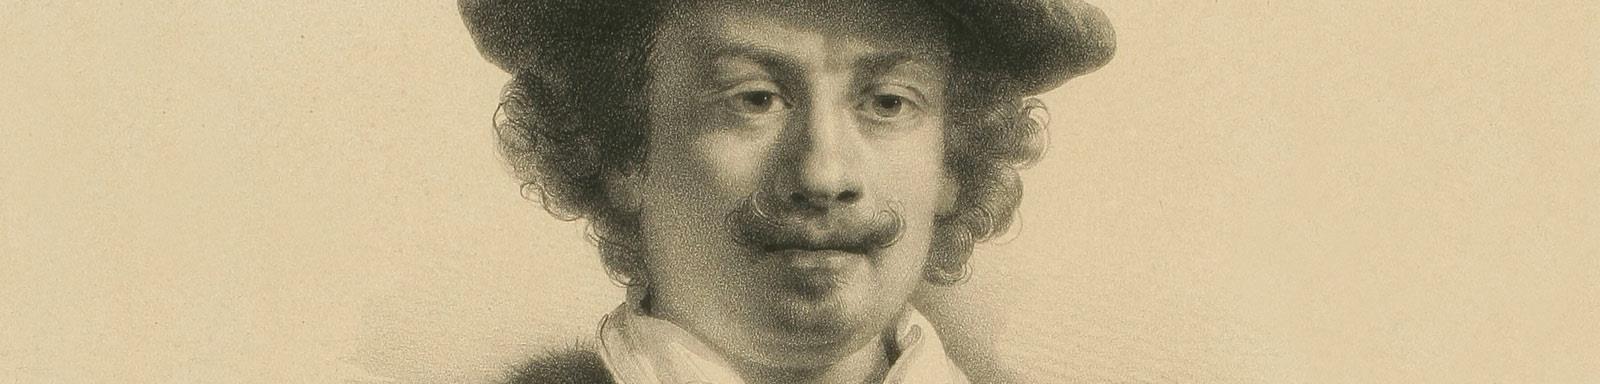 Rembrandt (Rembrandt Harmensz. van Rijn)